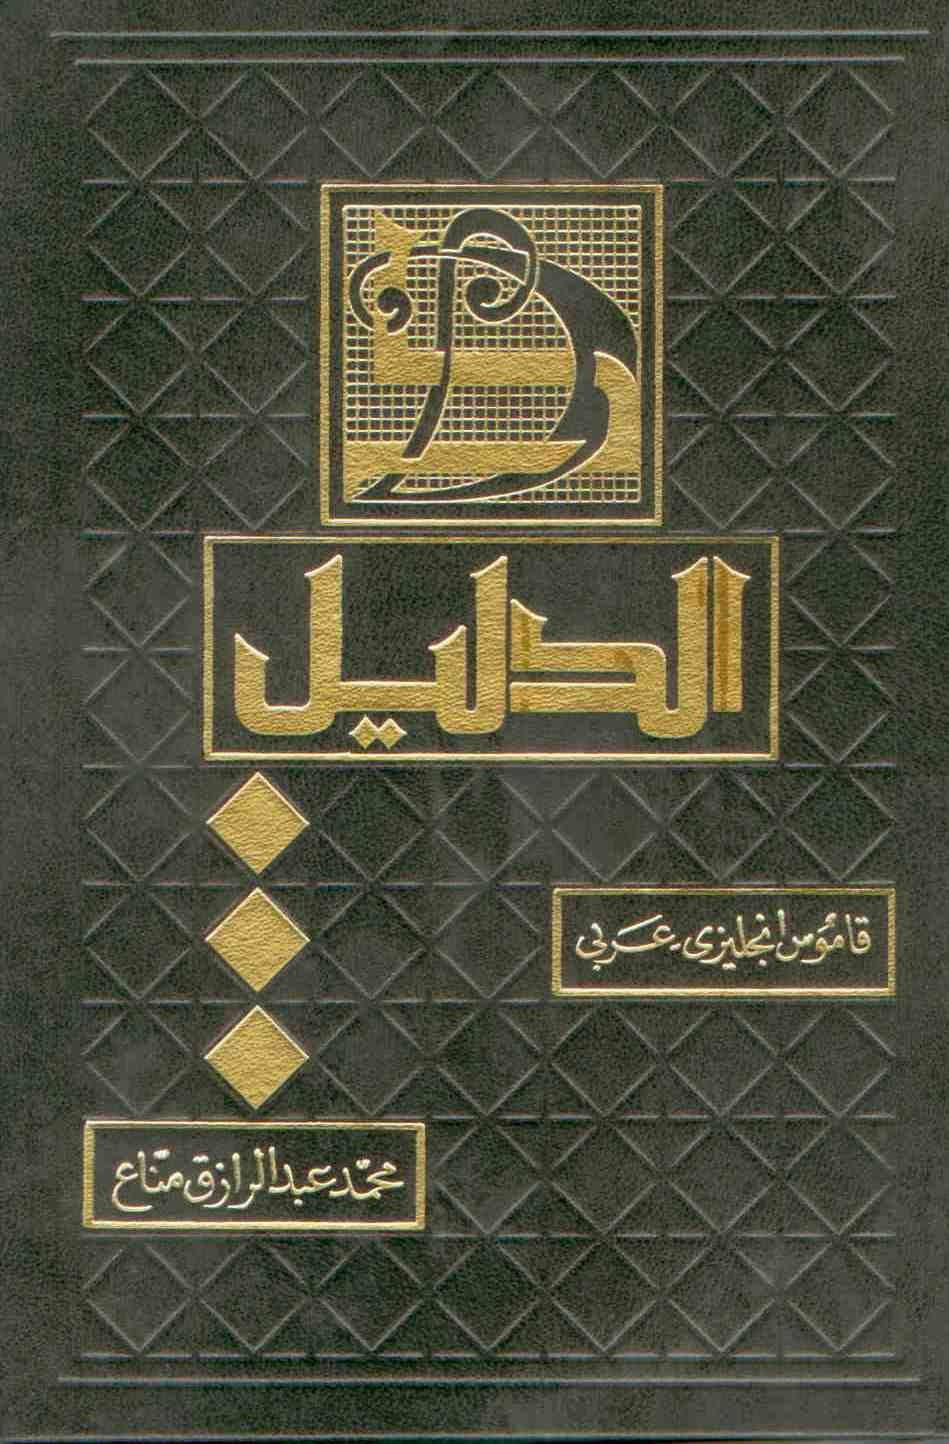 الدليل قاموس انكليزي - عربي